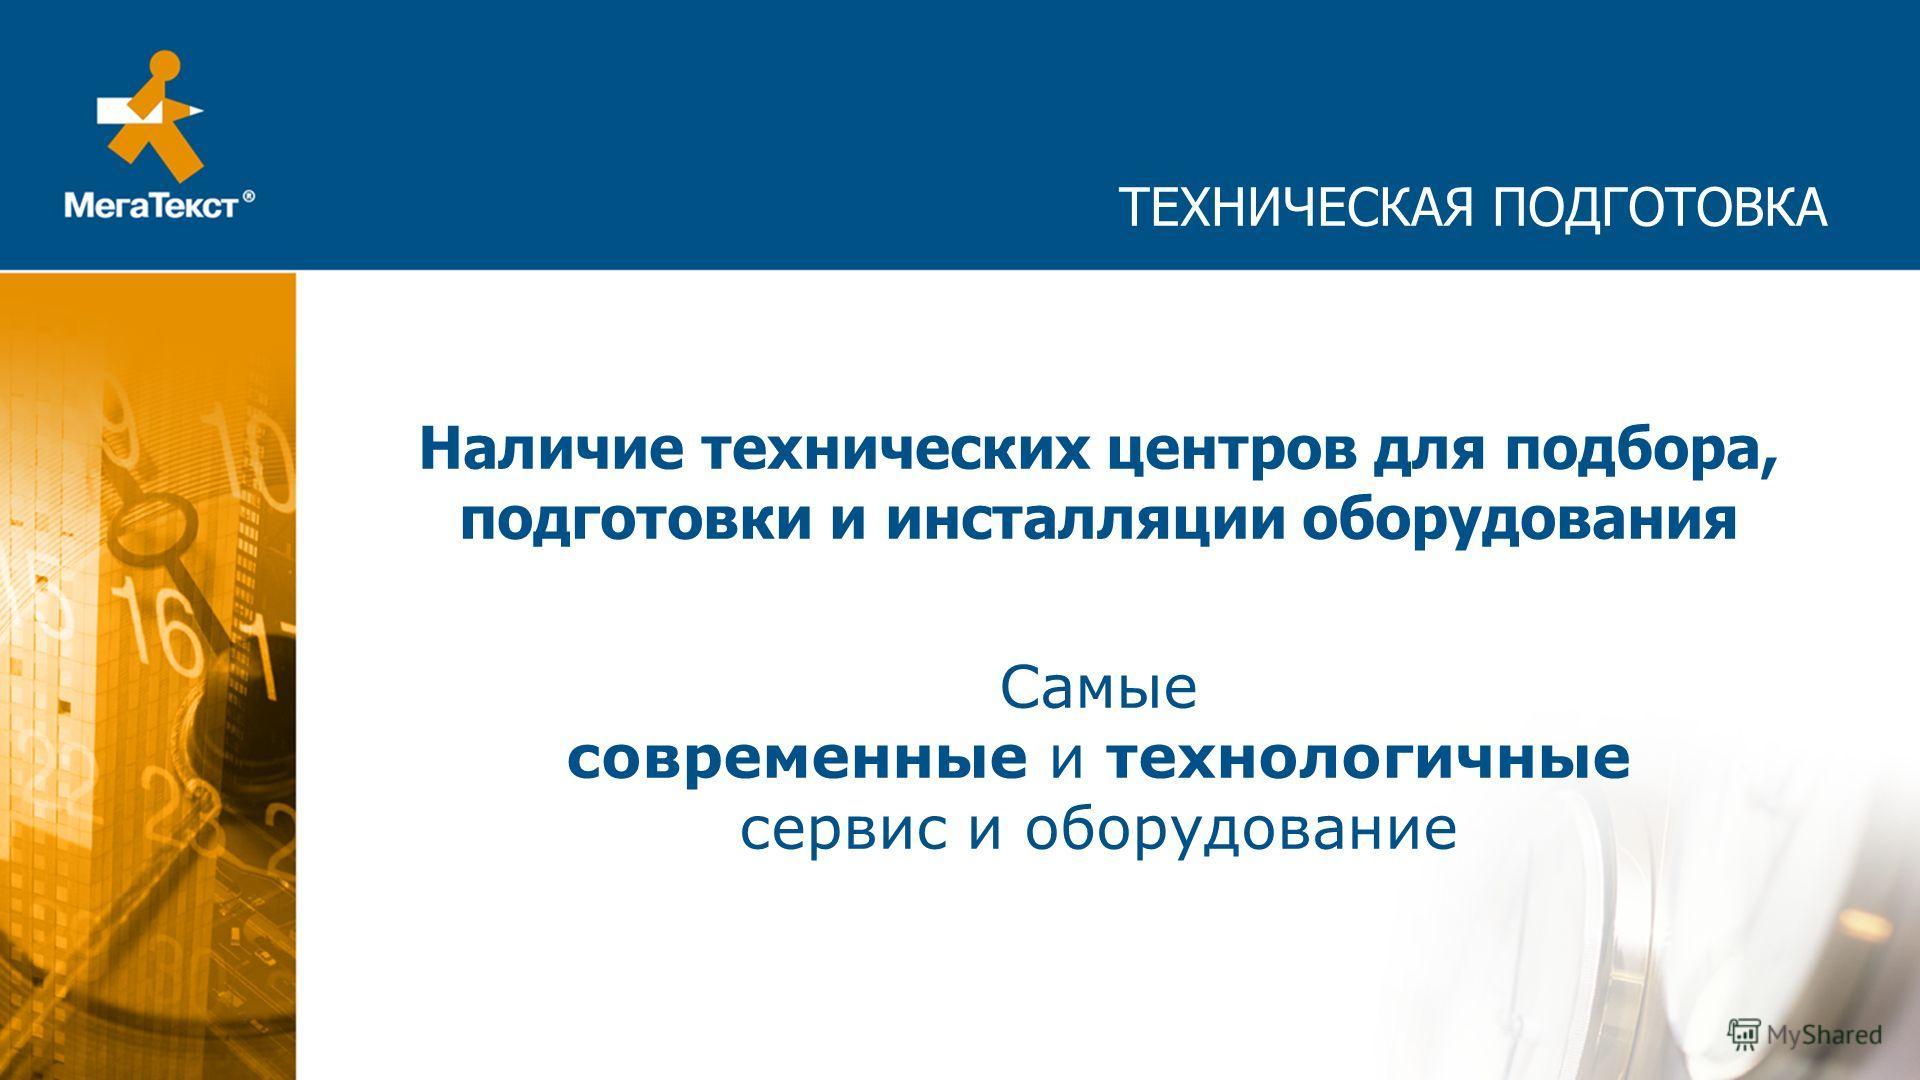 ТЕХНИЧЕСКАЯ ПОДГОТОВКА Наличие технических центров для подбора, подготовки и инсталляции оборудования Самые современные и технологичные сервис и оборудование